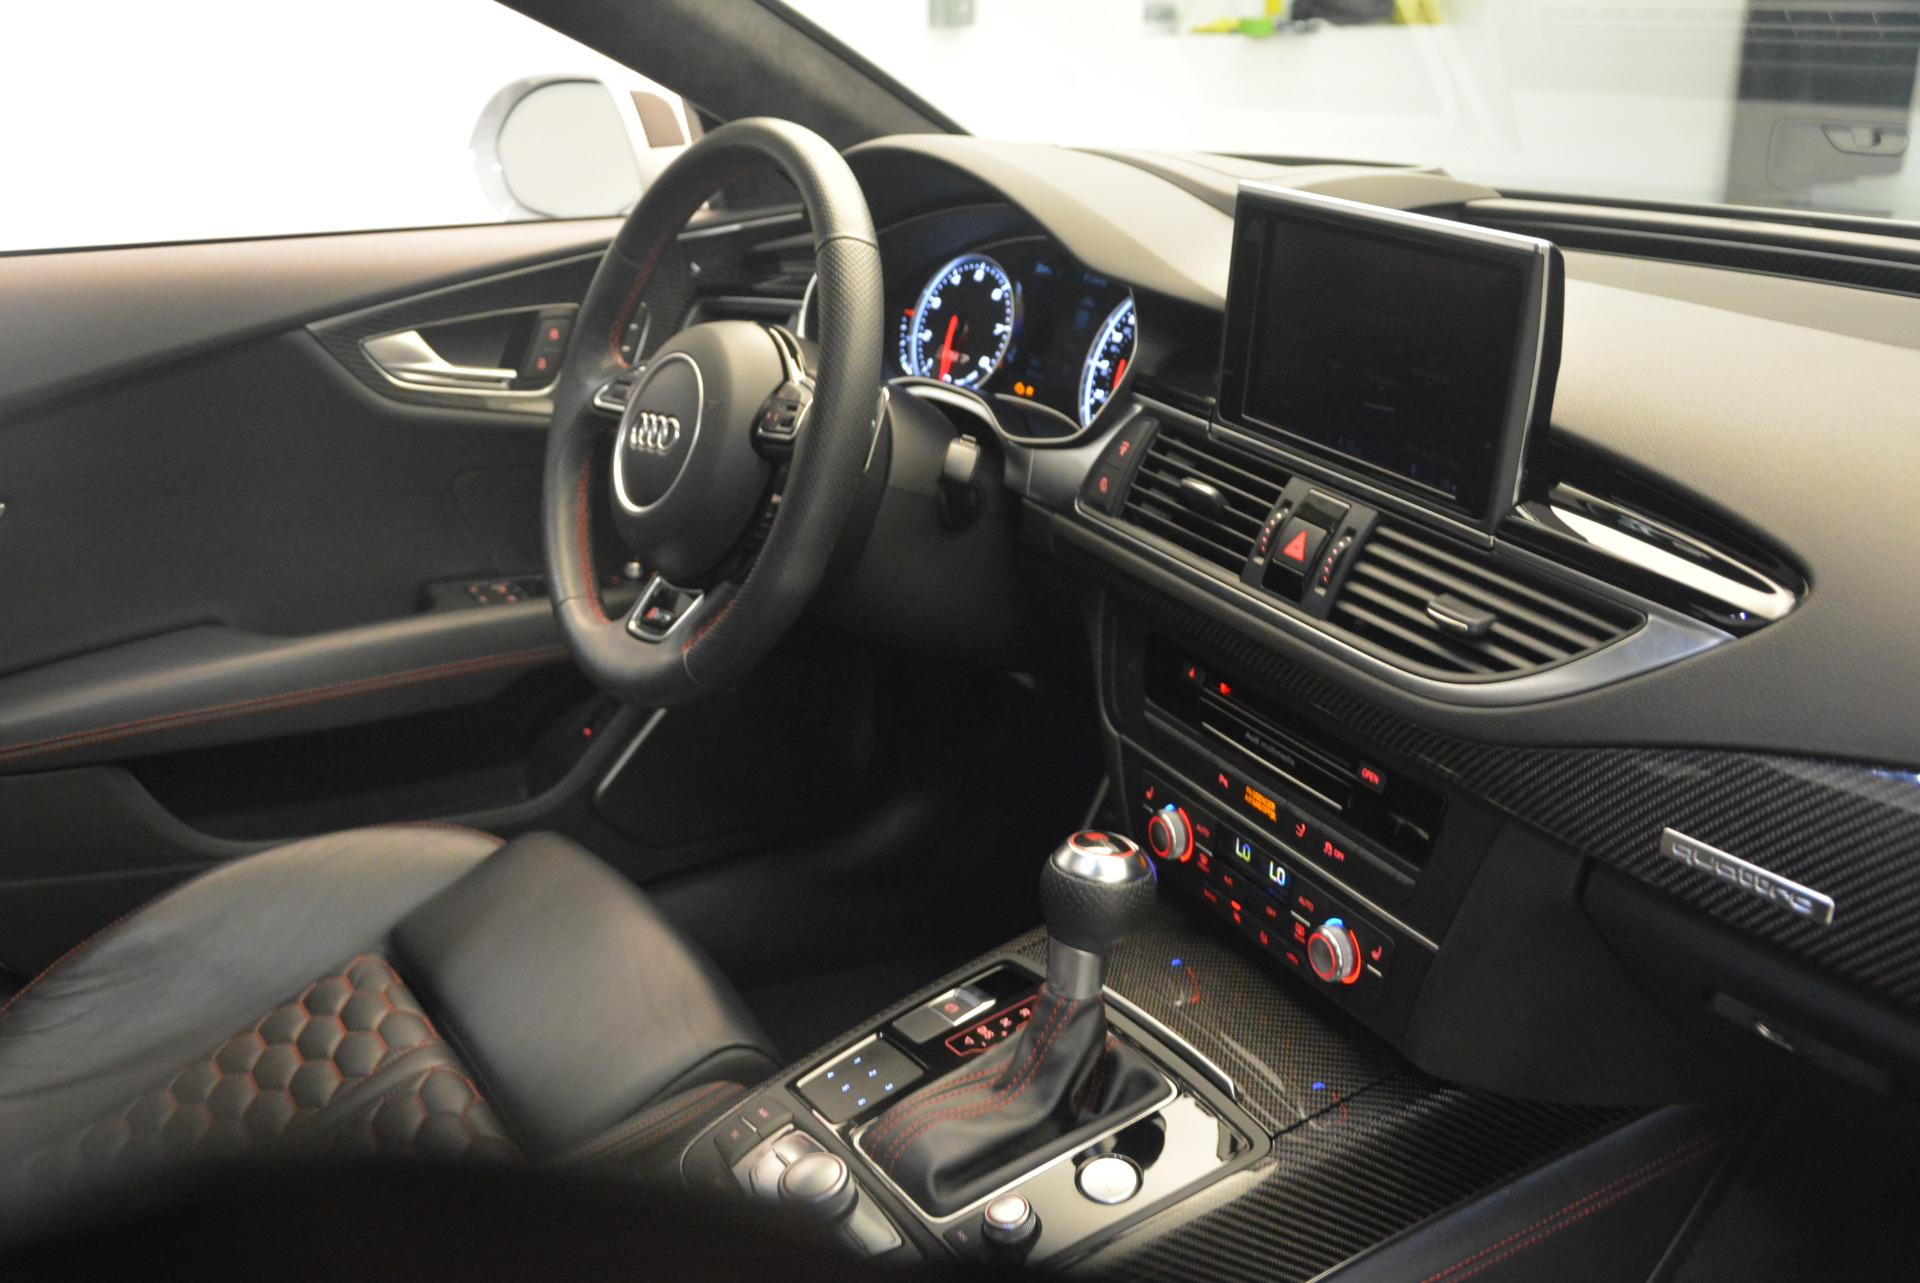 Used 2014 Audi RS 7 4.0T quattro Prestige For Sale In Westport, CT 1262_p44